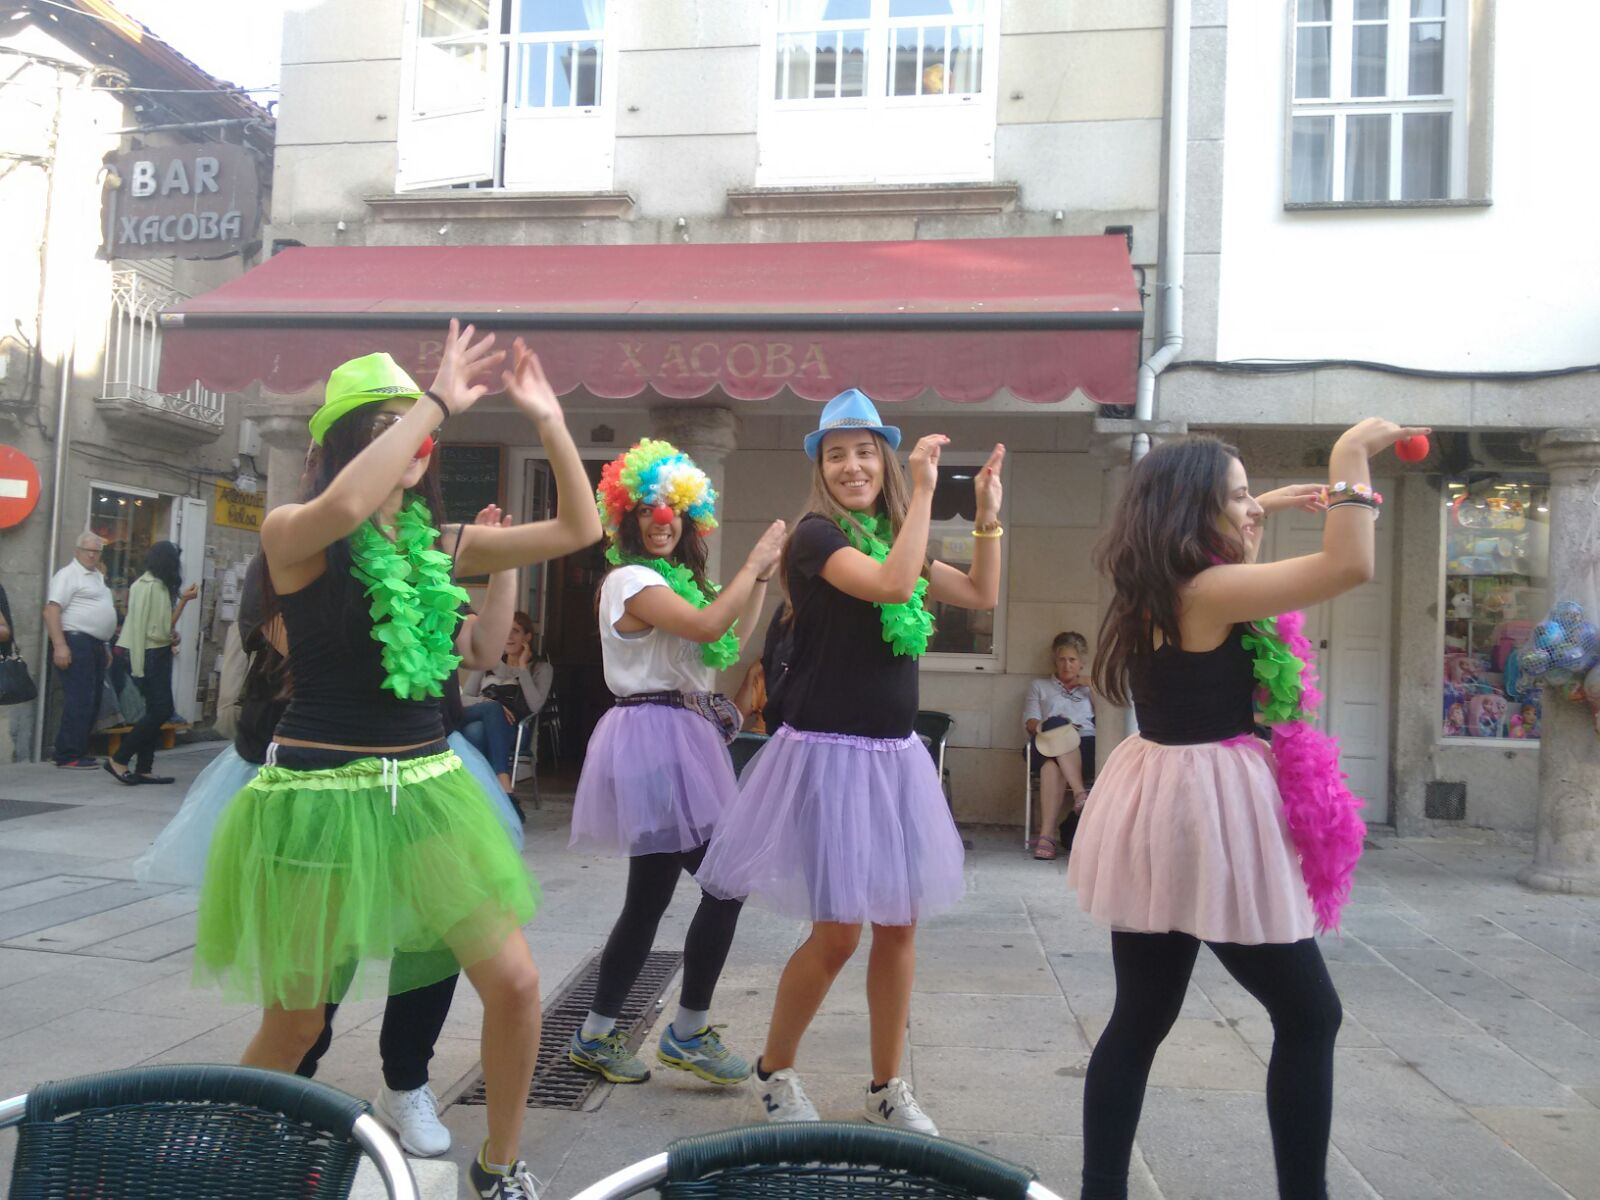 Divertios realizando una gincana en Galicia . Disponemos de las mejores gincanas en Galicia para despedidas de soltera y soltero.